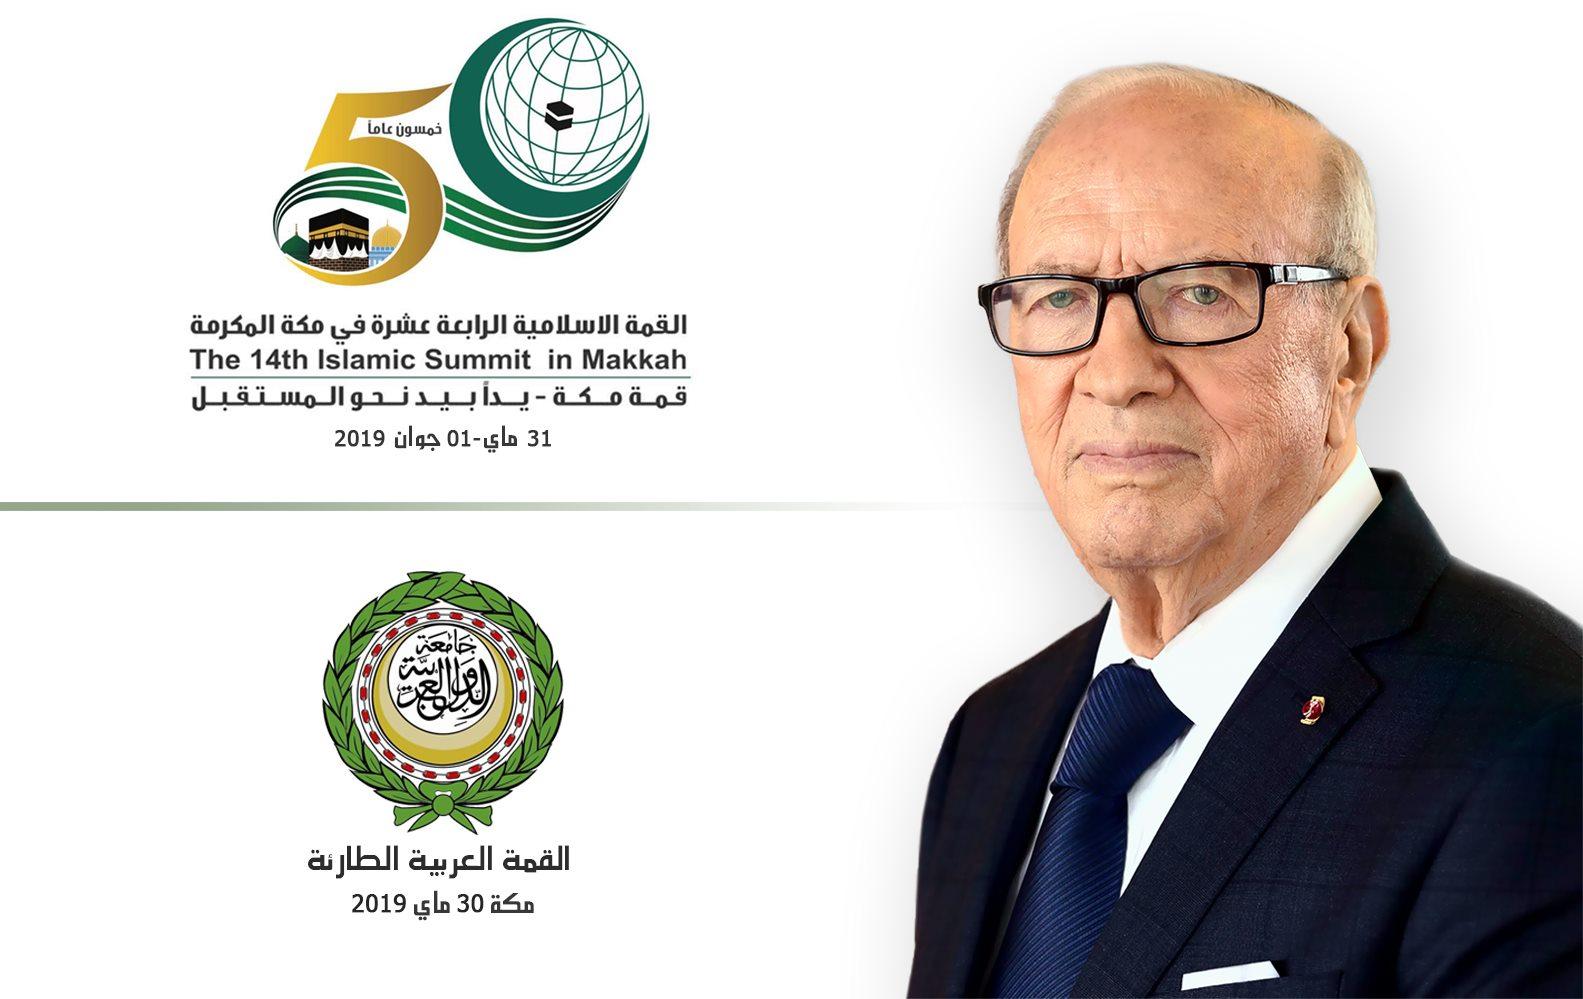 Tunisie-Beji Caïd Sebsi se rend à la Mecque les 30 et 31 Mai